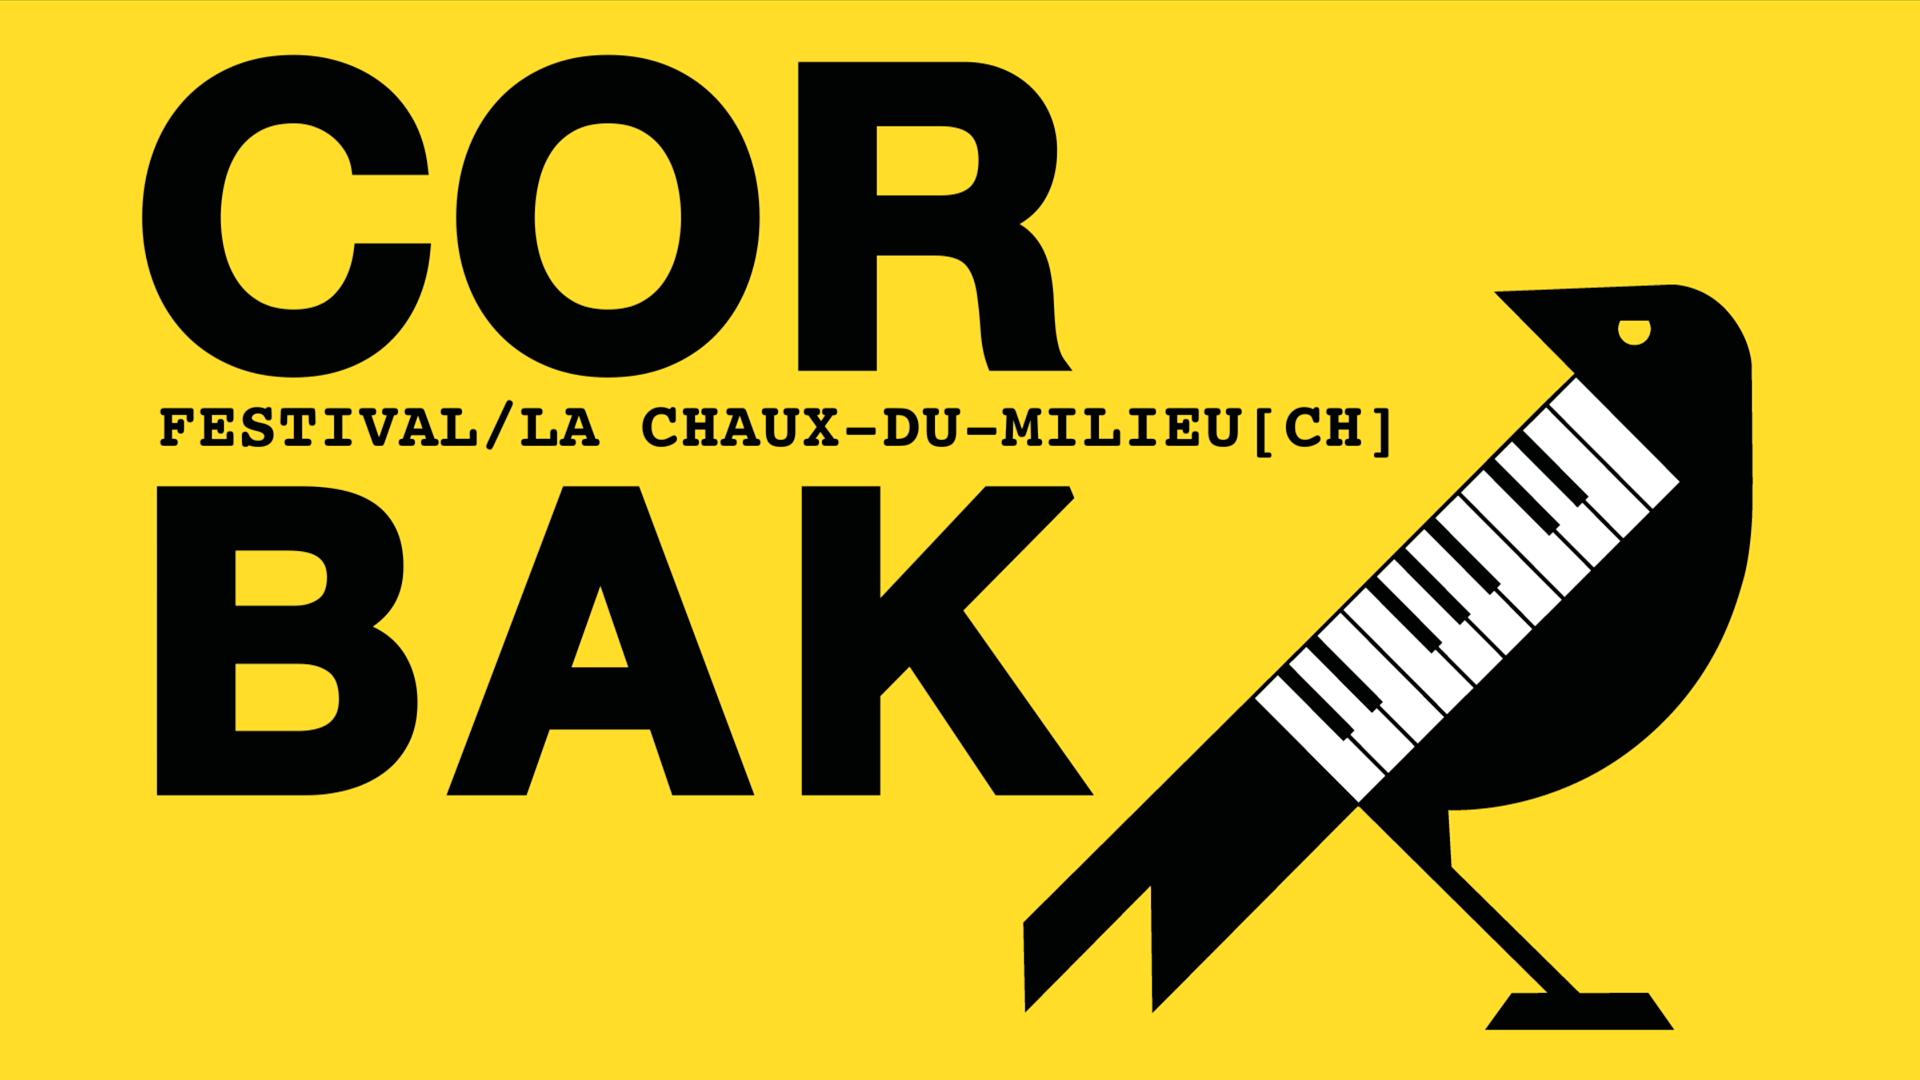 Corbak Festival 2020